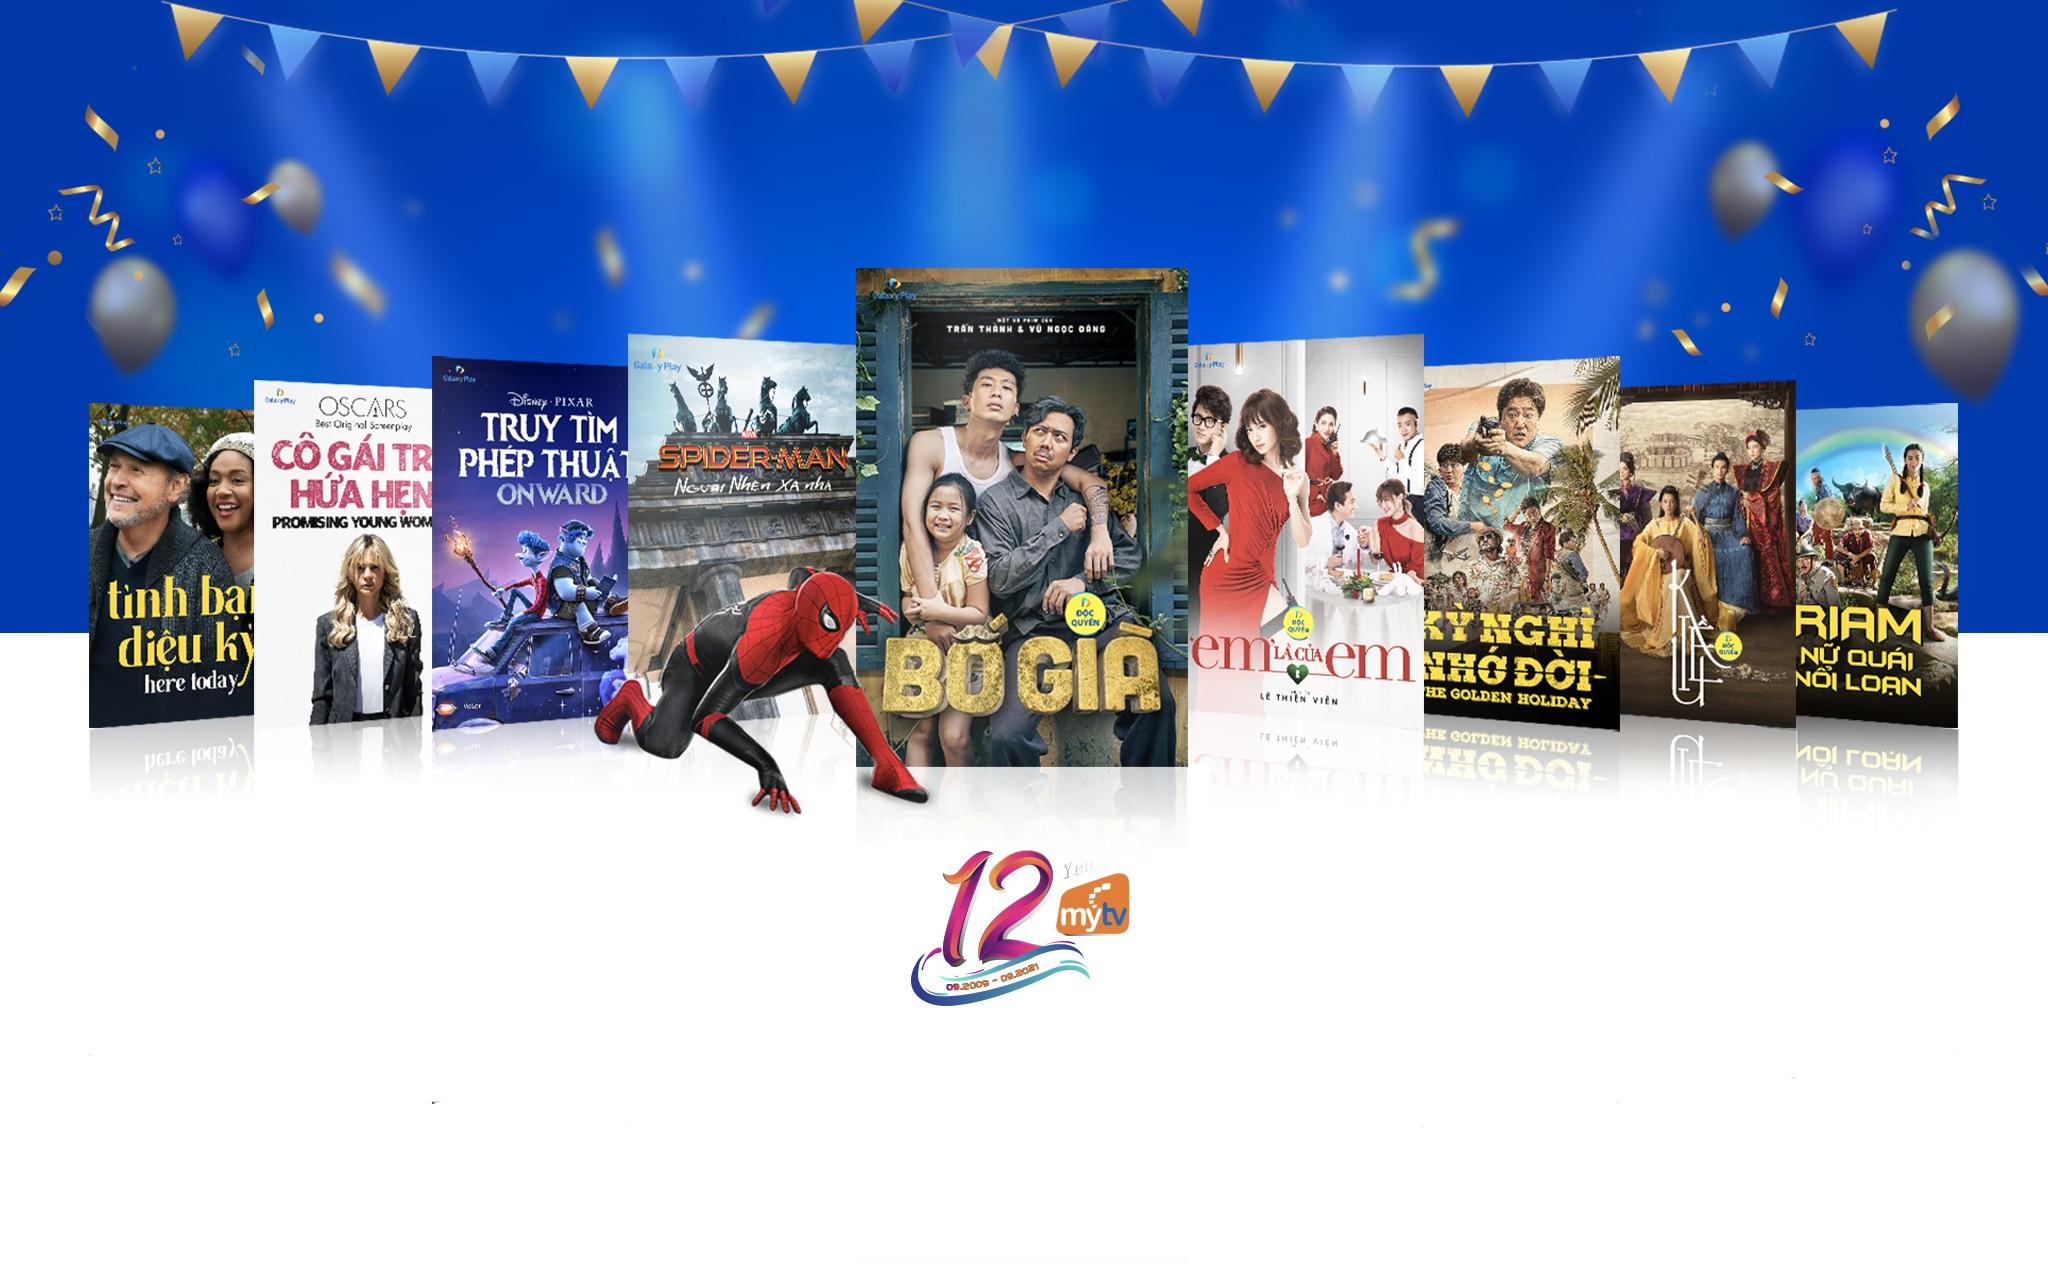 Món quà tinh thần dành cho khán giả MyTV nhân dịp sinh nhật 12 tuổi.